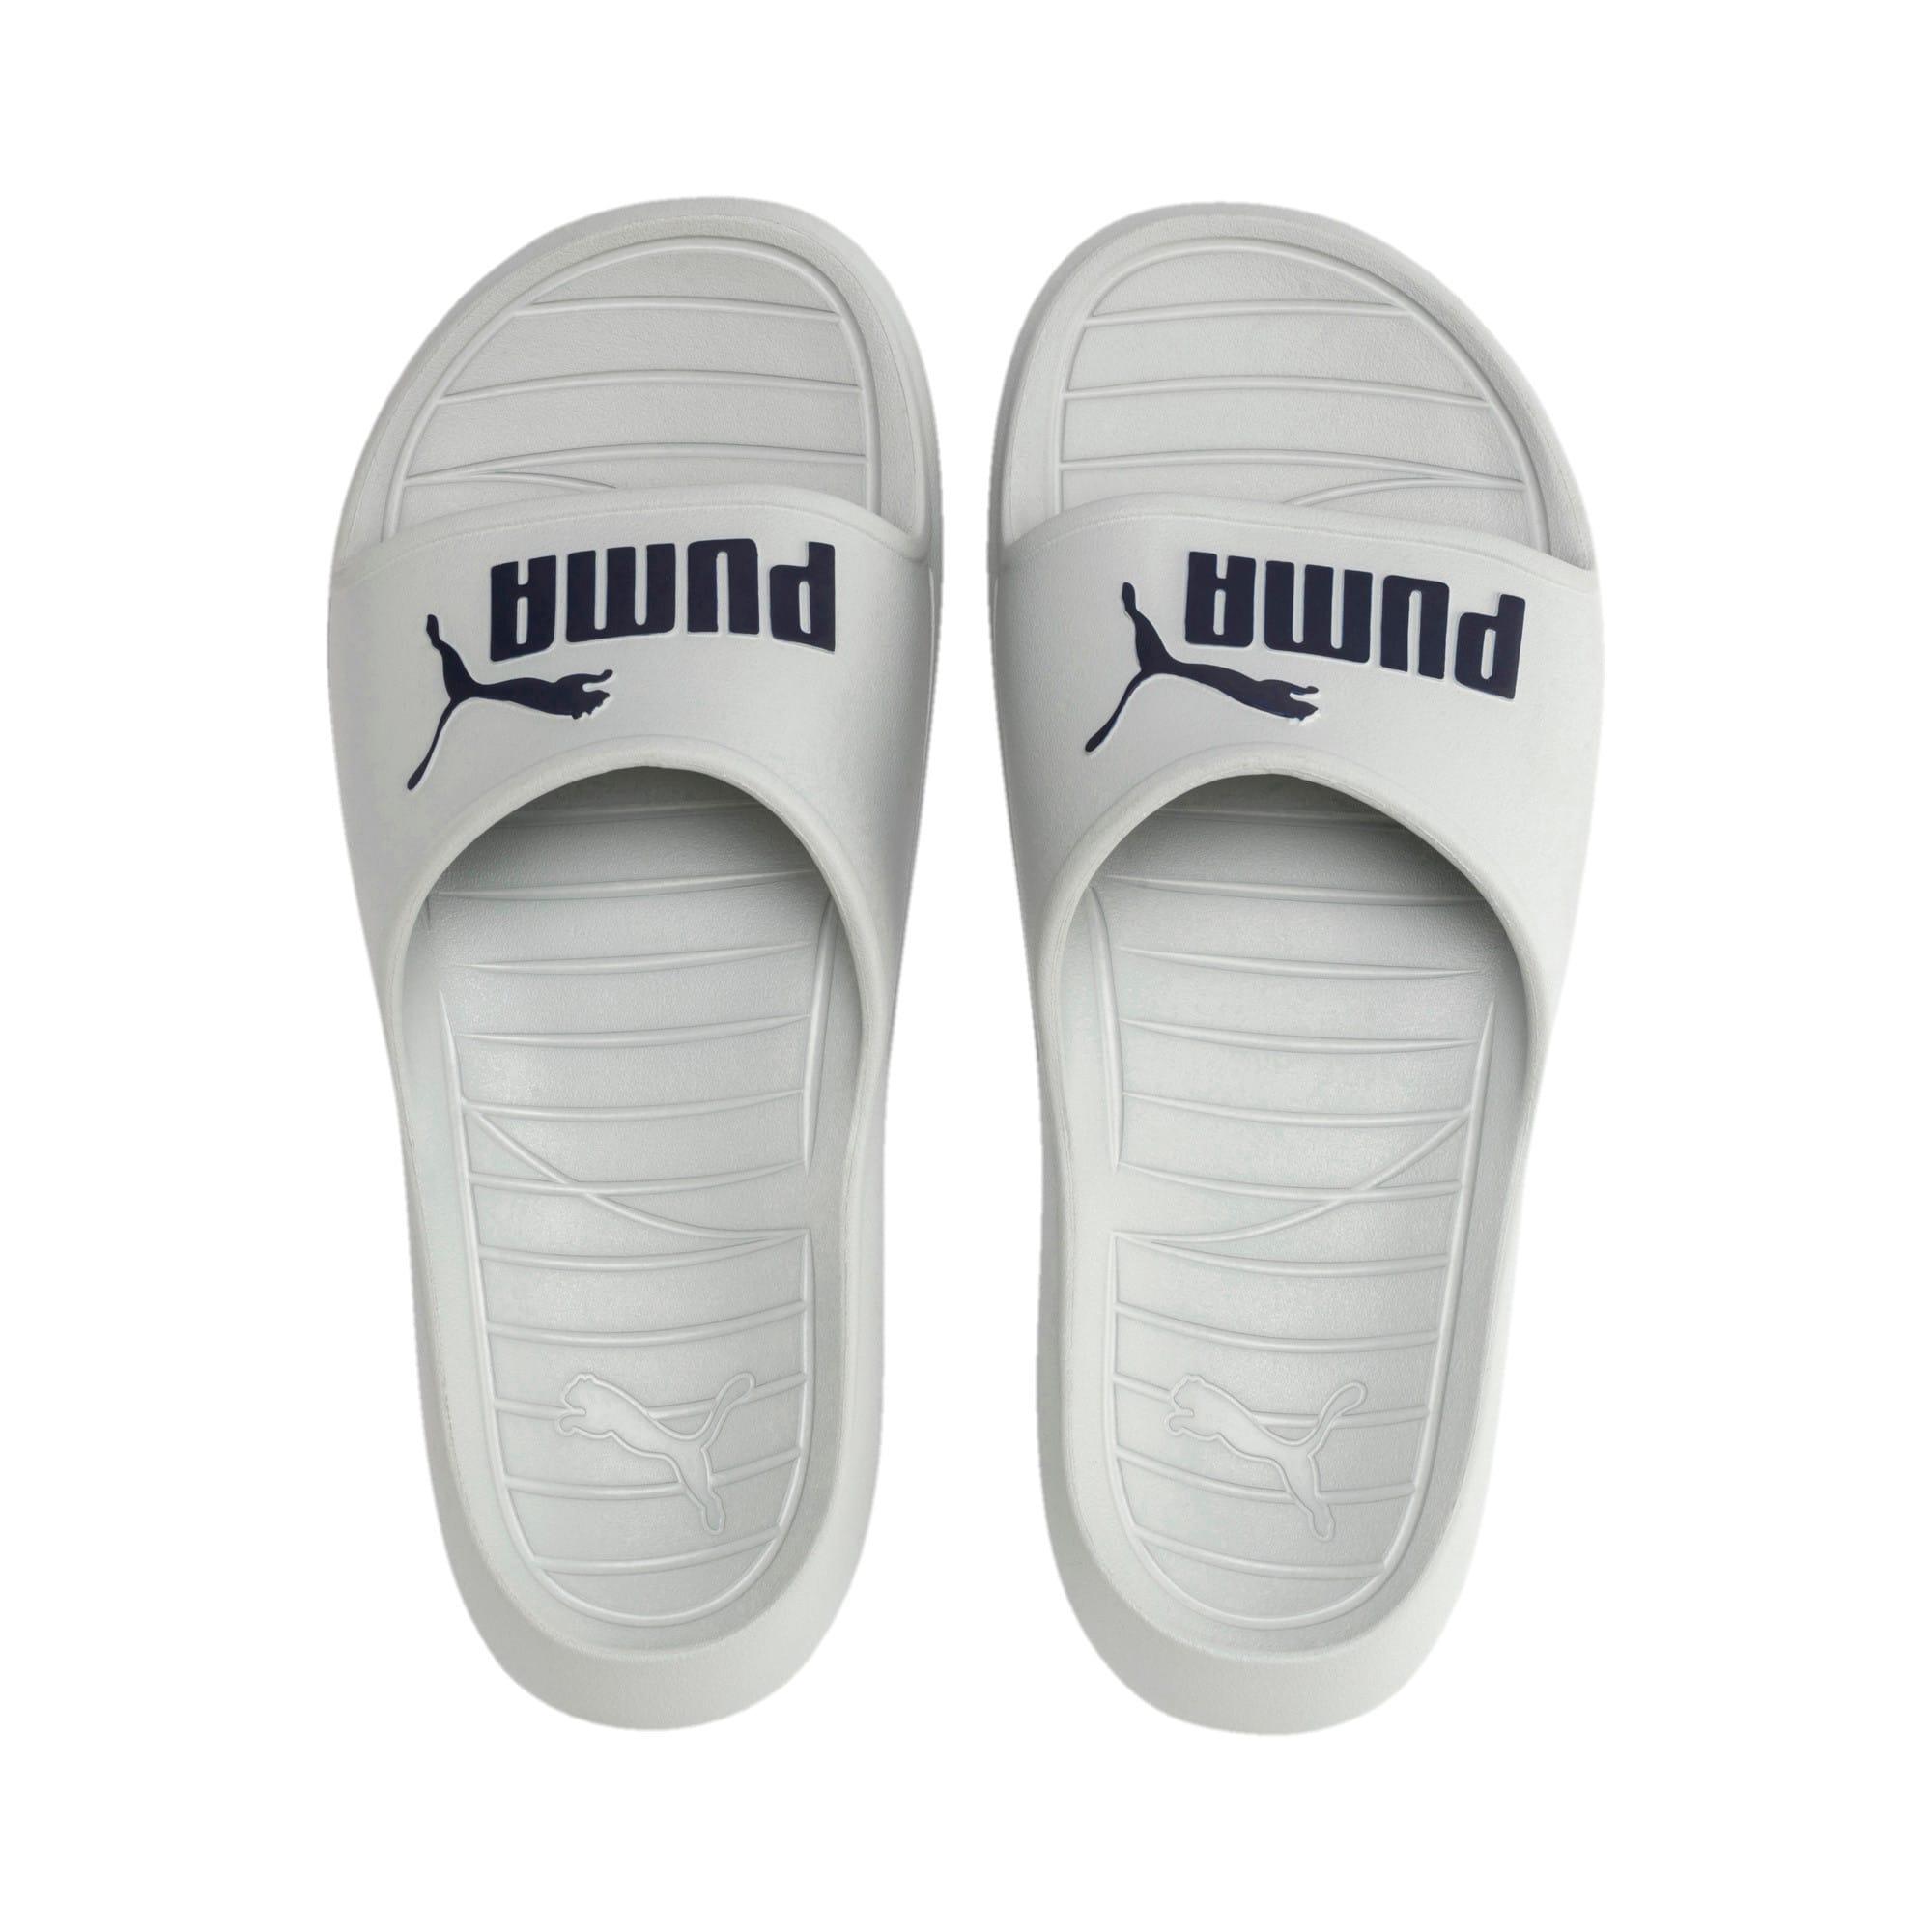 Thumbnail 2 of Divecat v2 Sandals, High Rise-Peacoat, medium-IND